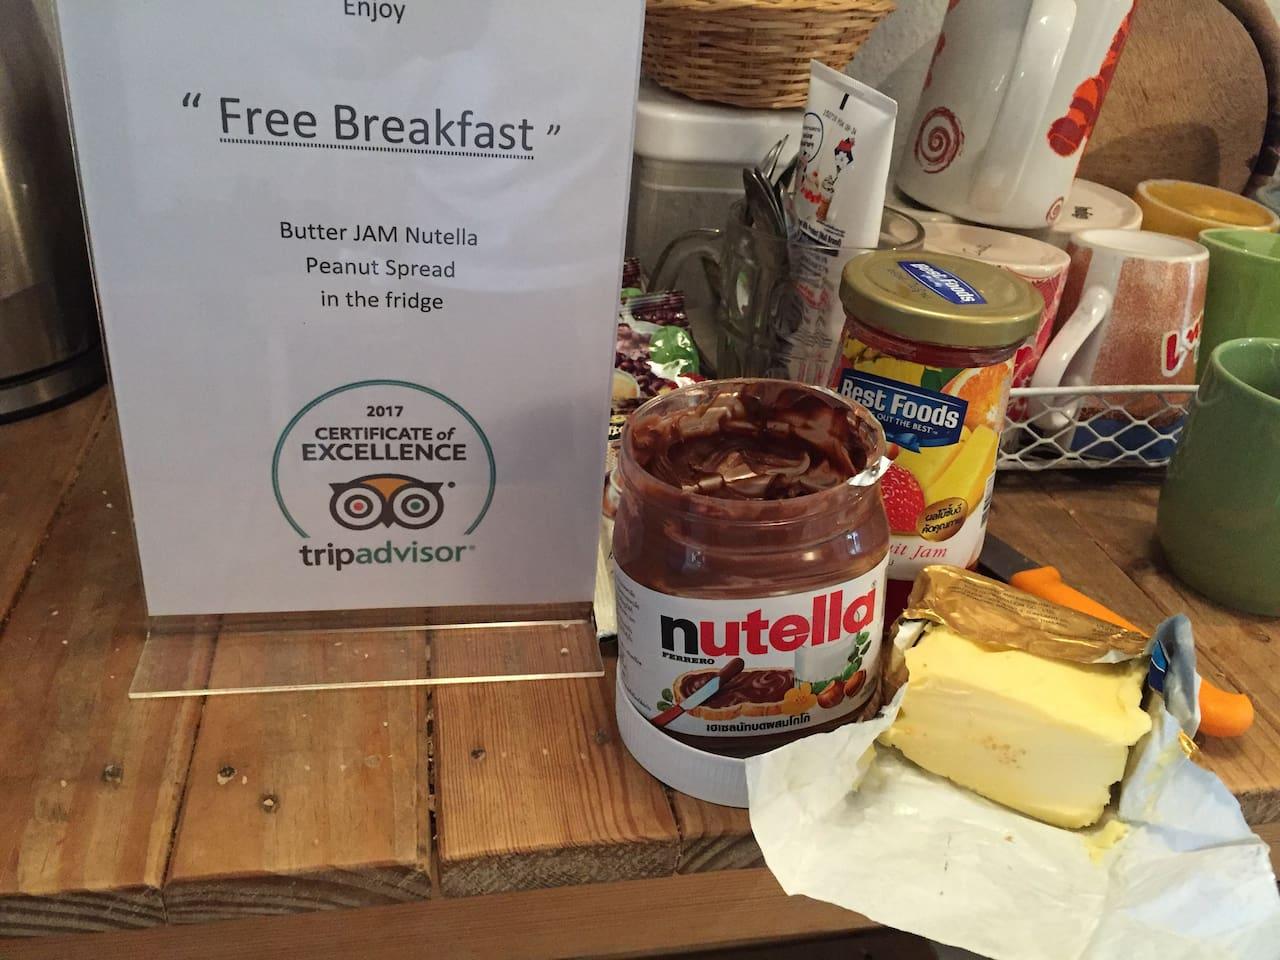 Enjoy free Breakfast ^#^